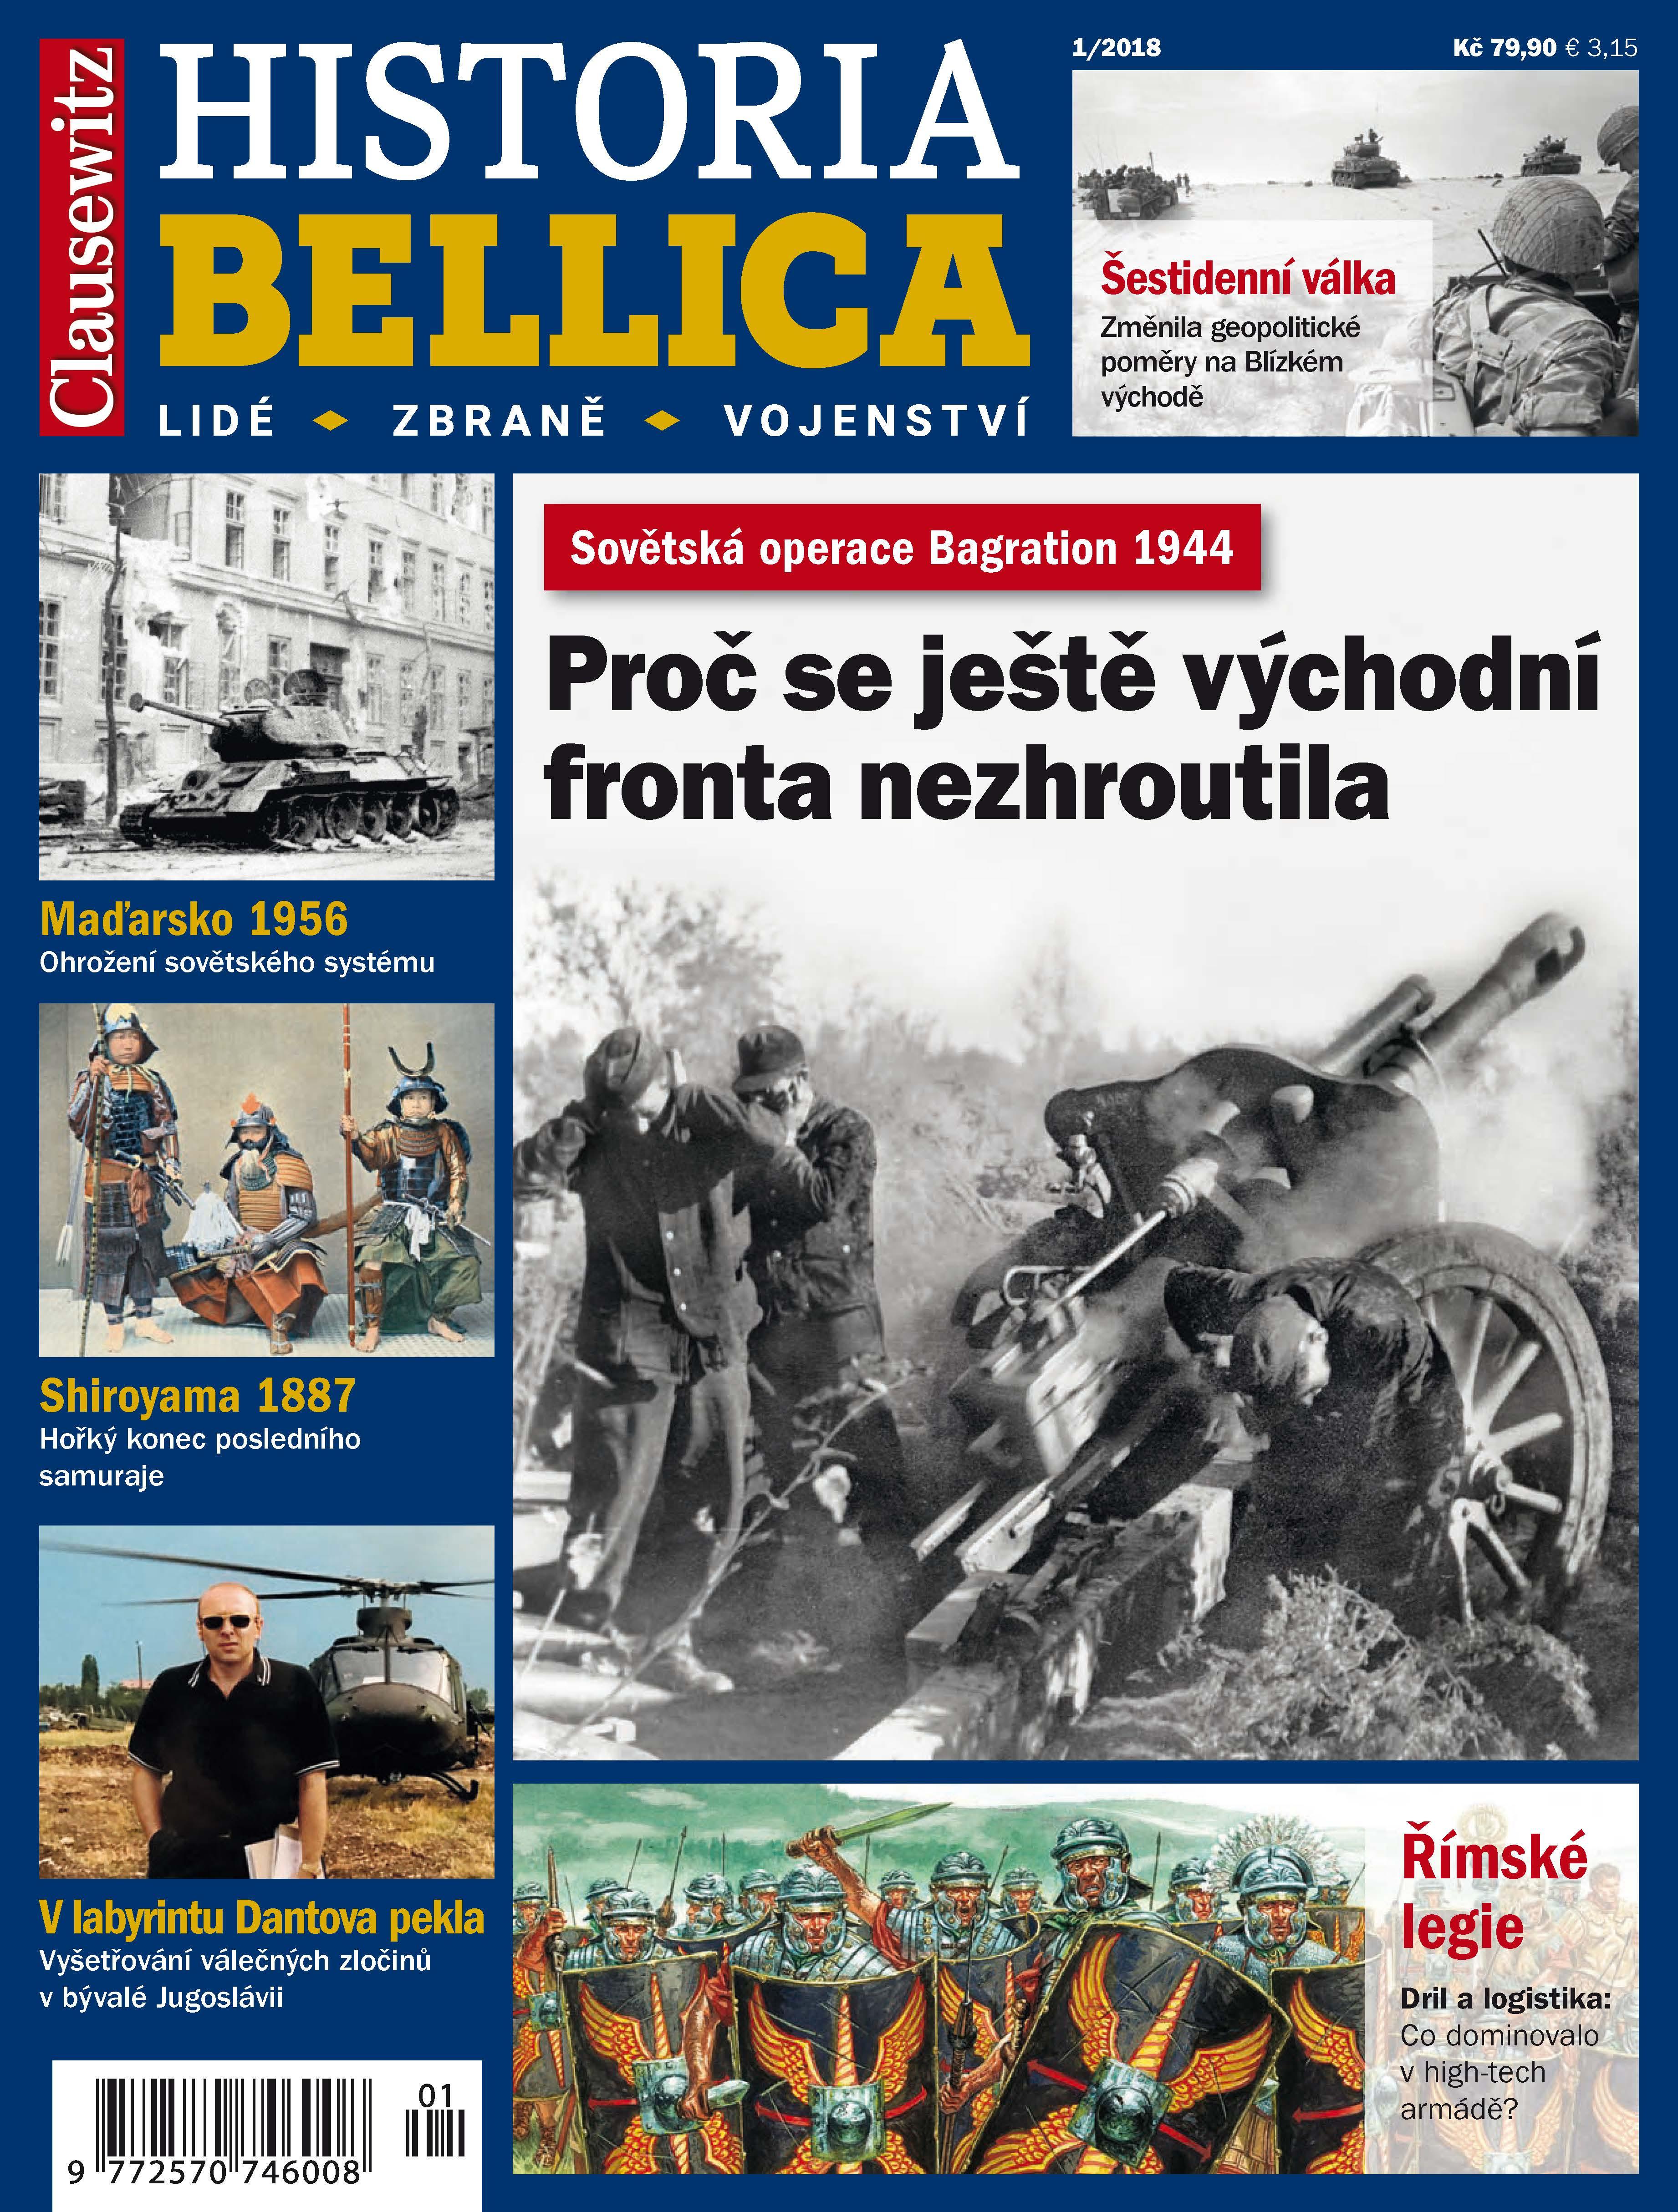 obálka Historia Bellica